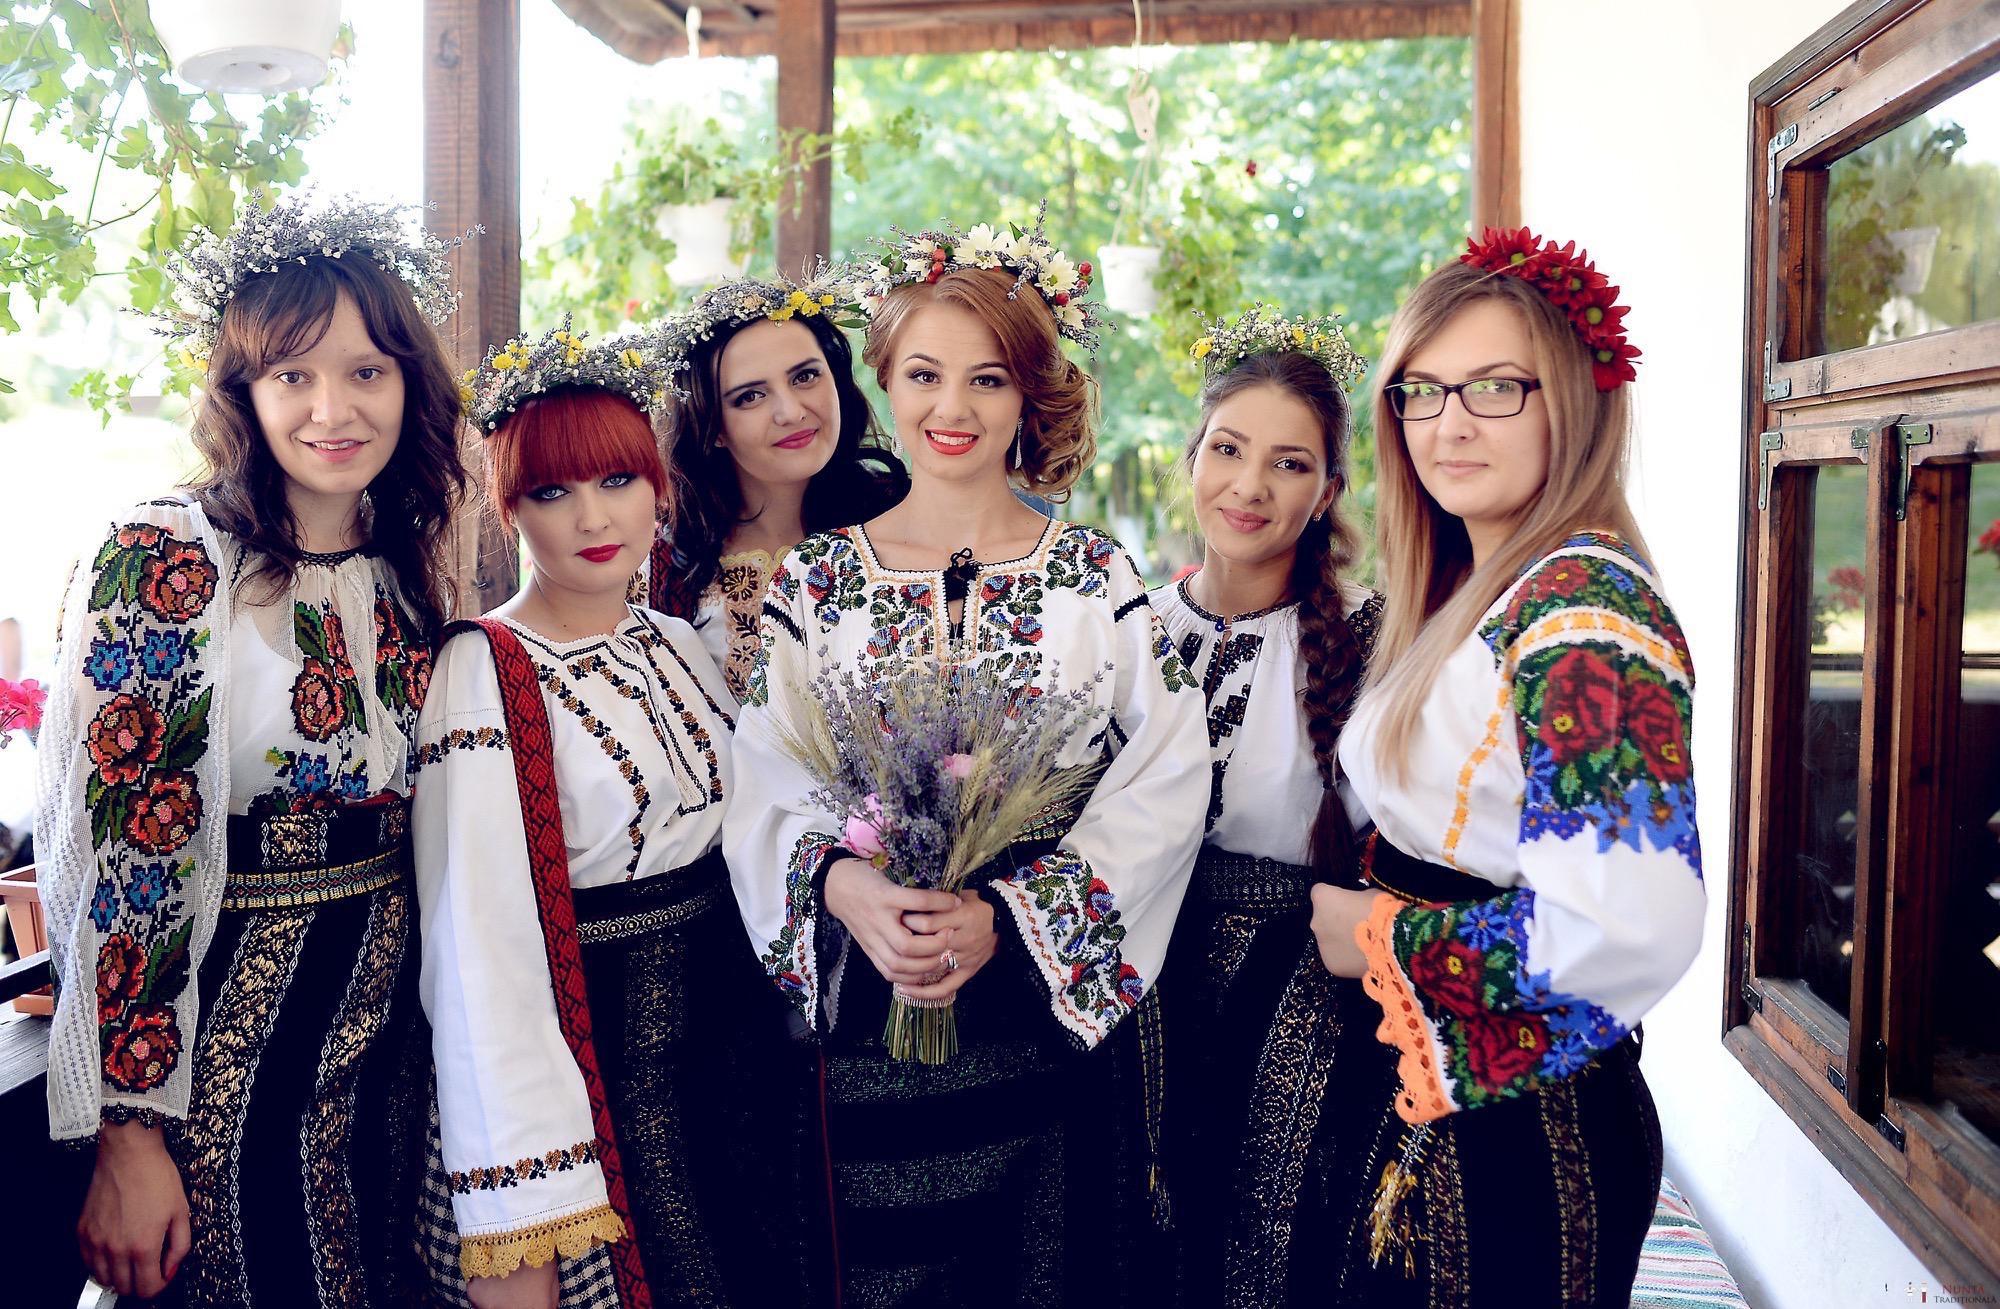 Povești Nunți Tradiționale - Iulia și Andrei. Nuntă tradițională în Bucovina. 25